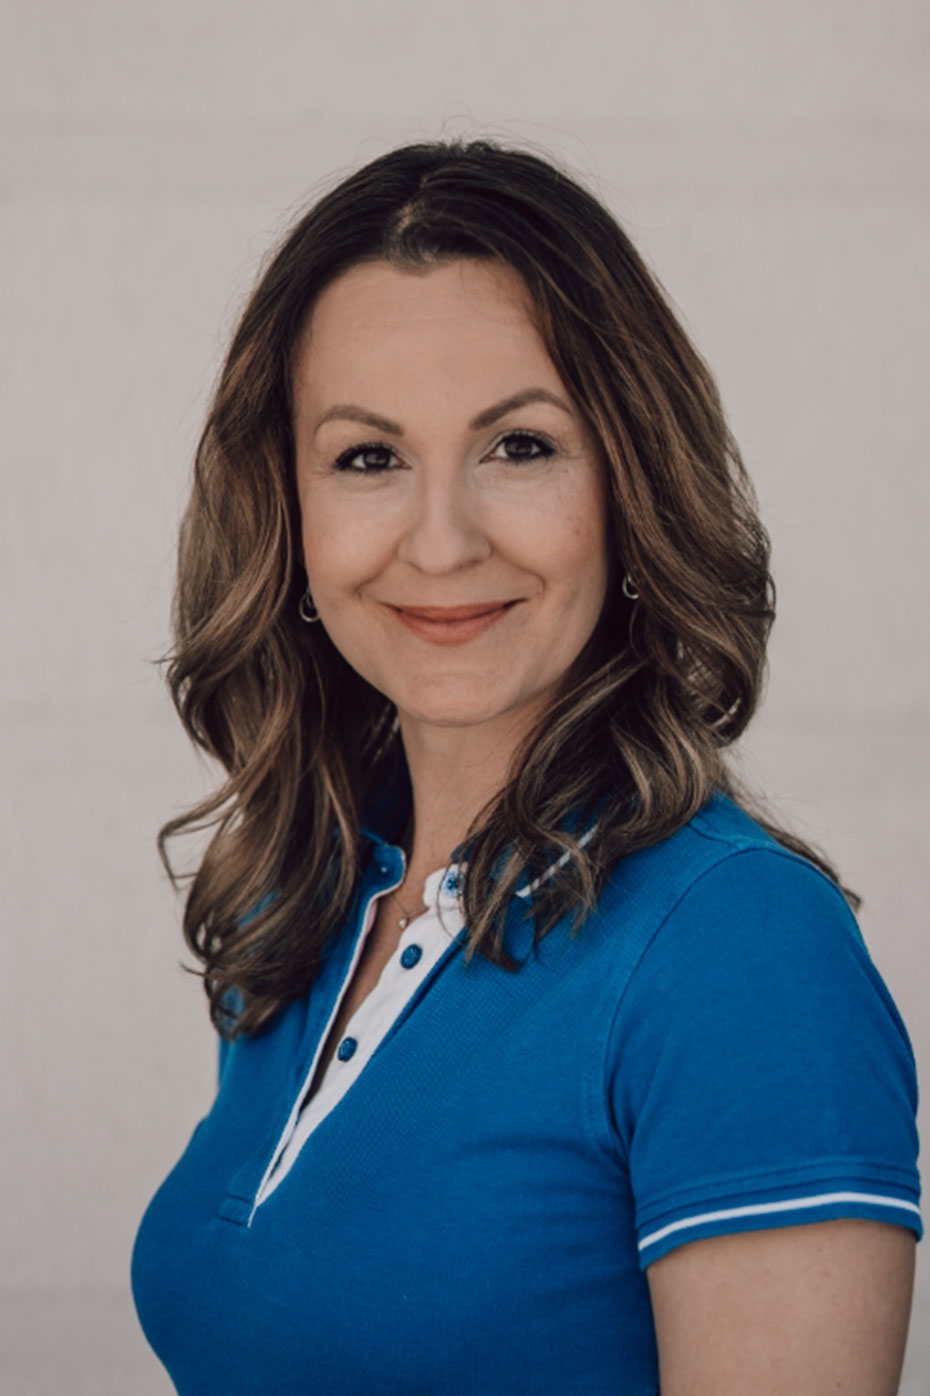 <b>Mira Vogt</b>